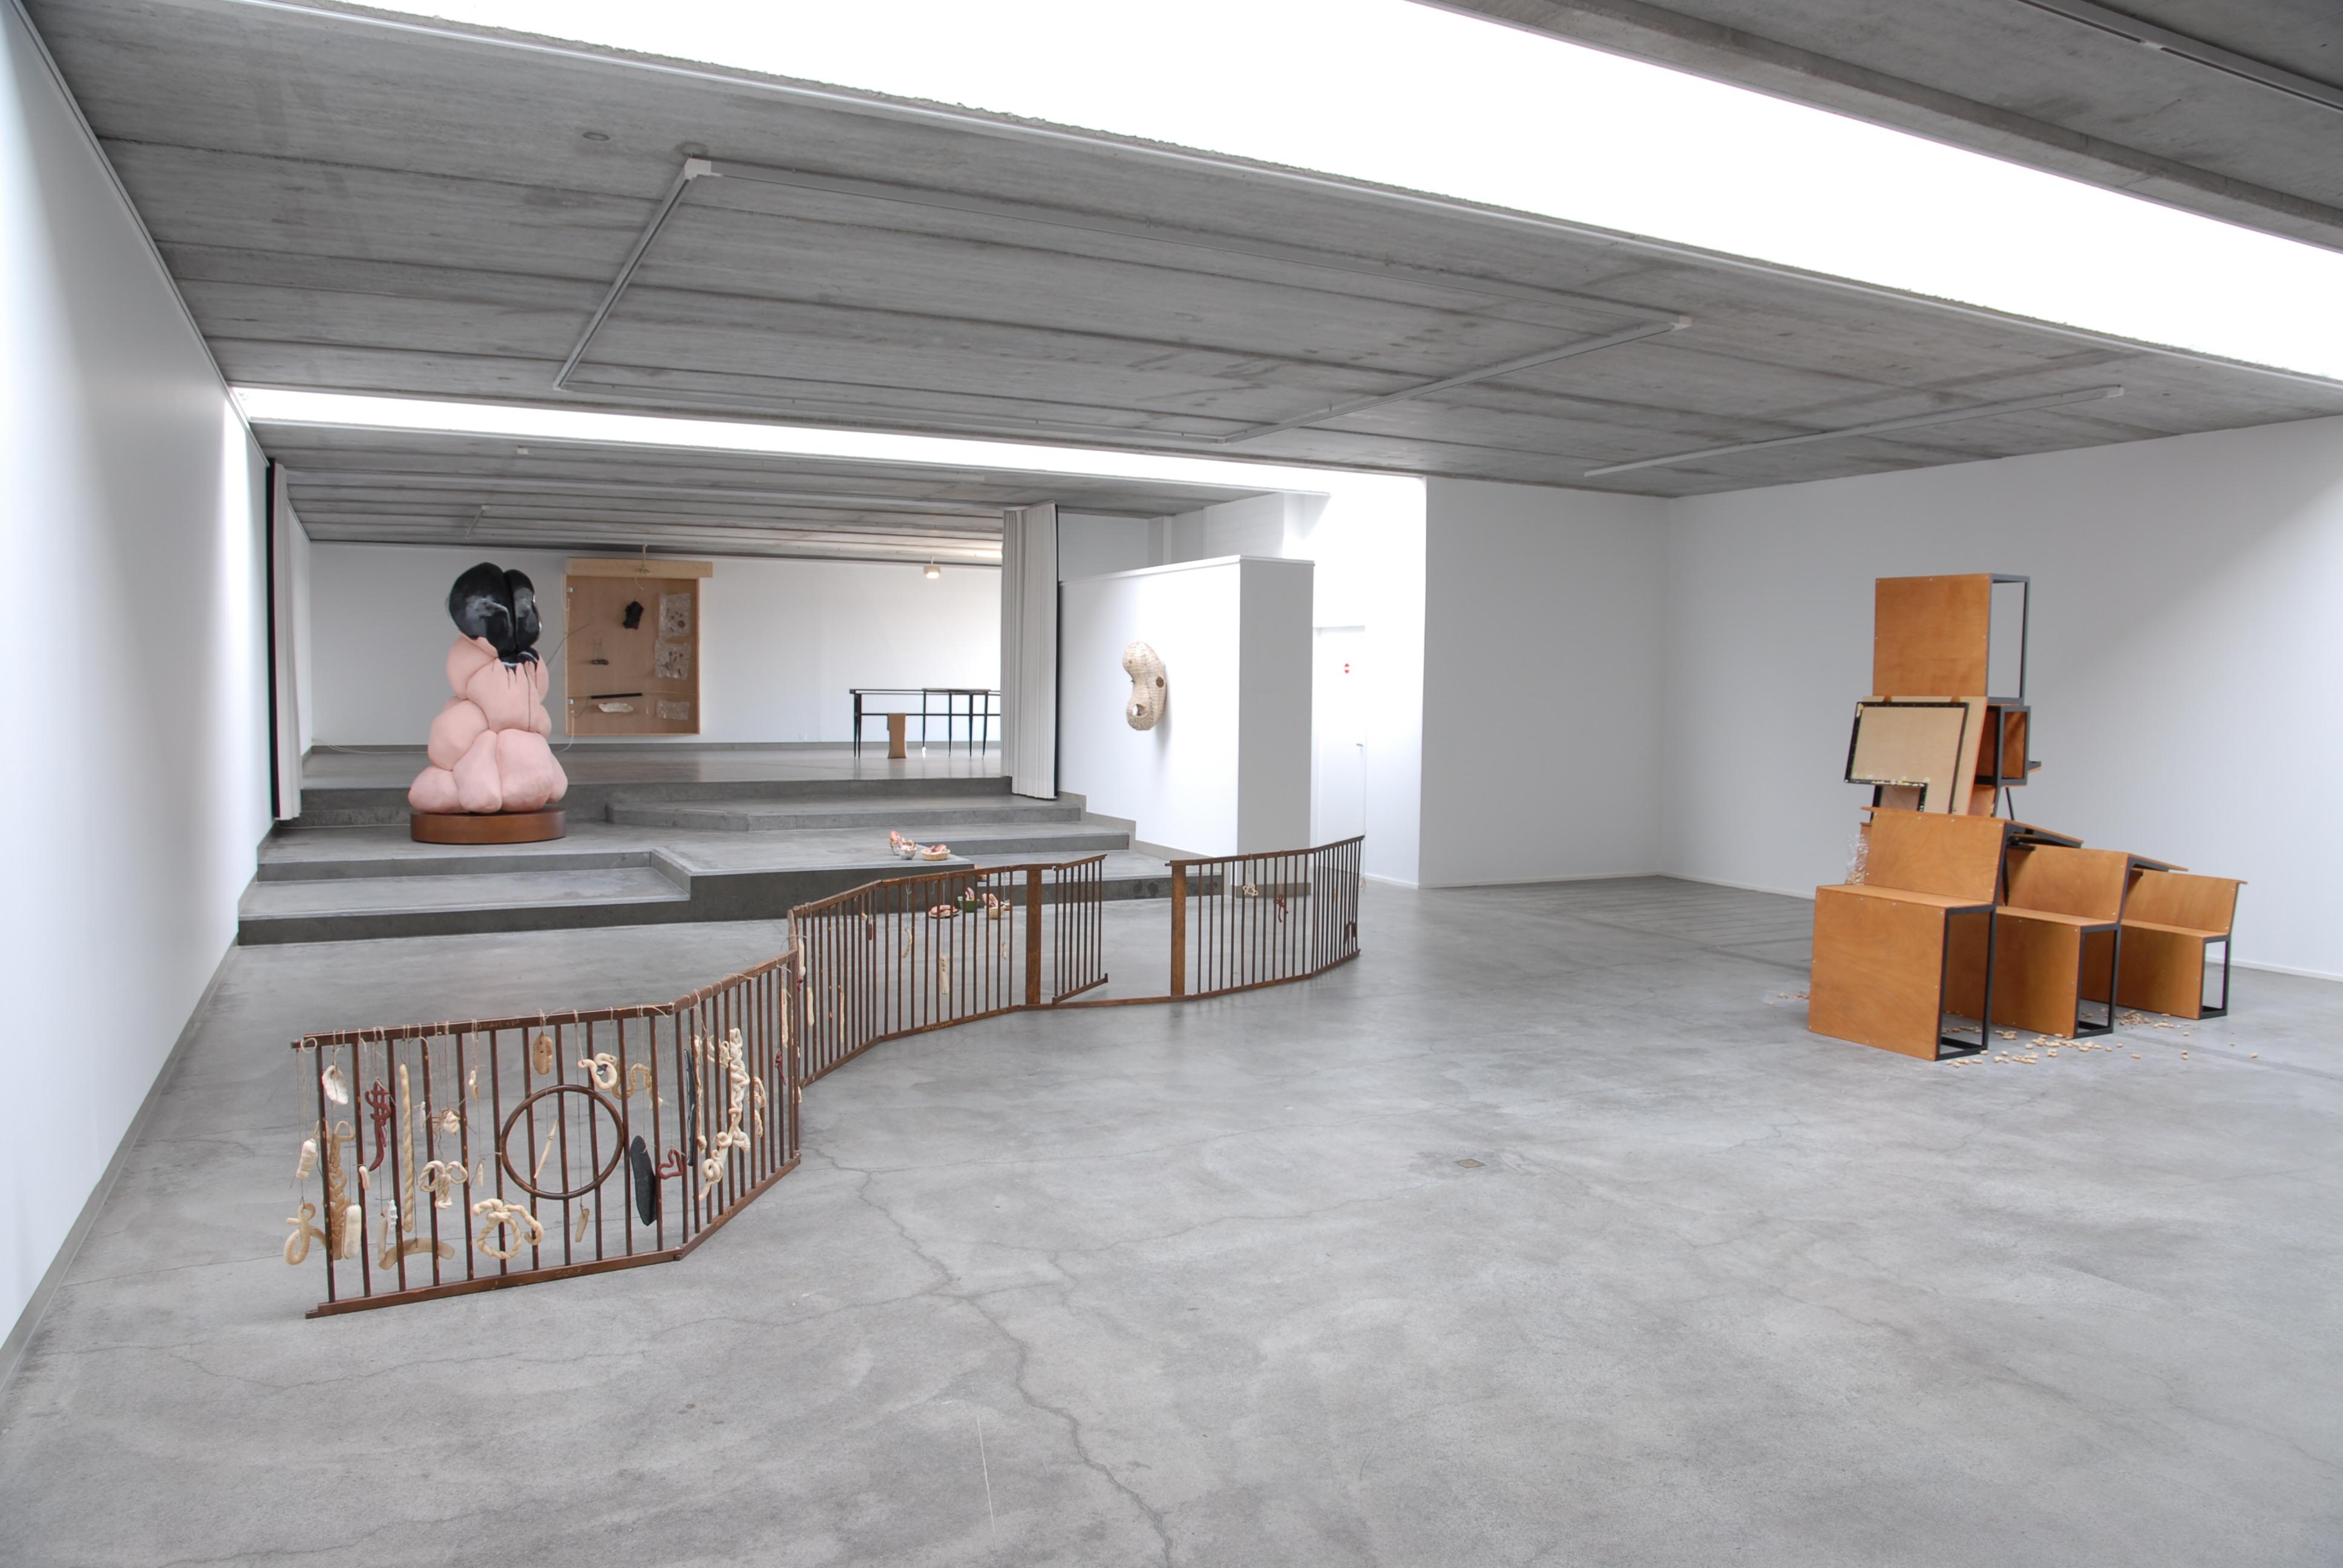 Kasia Fudakowksi, Where is your alibi, Mr. Motorway?, 2013 - zicht op de tentoonstelling